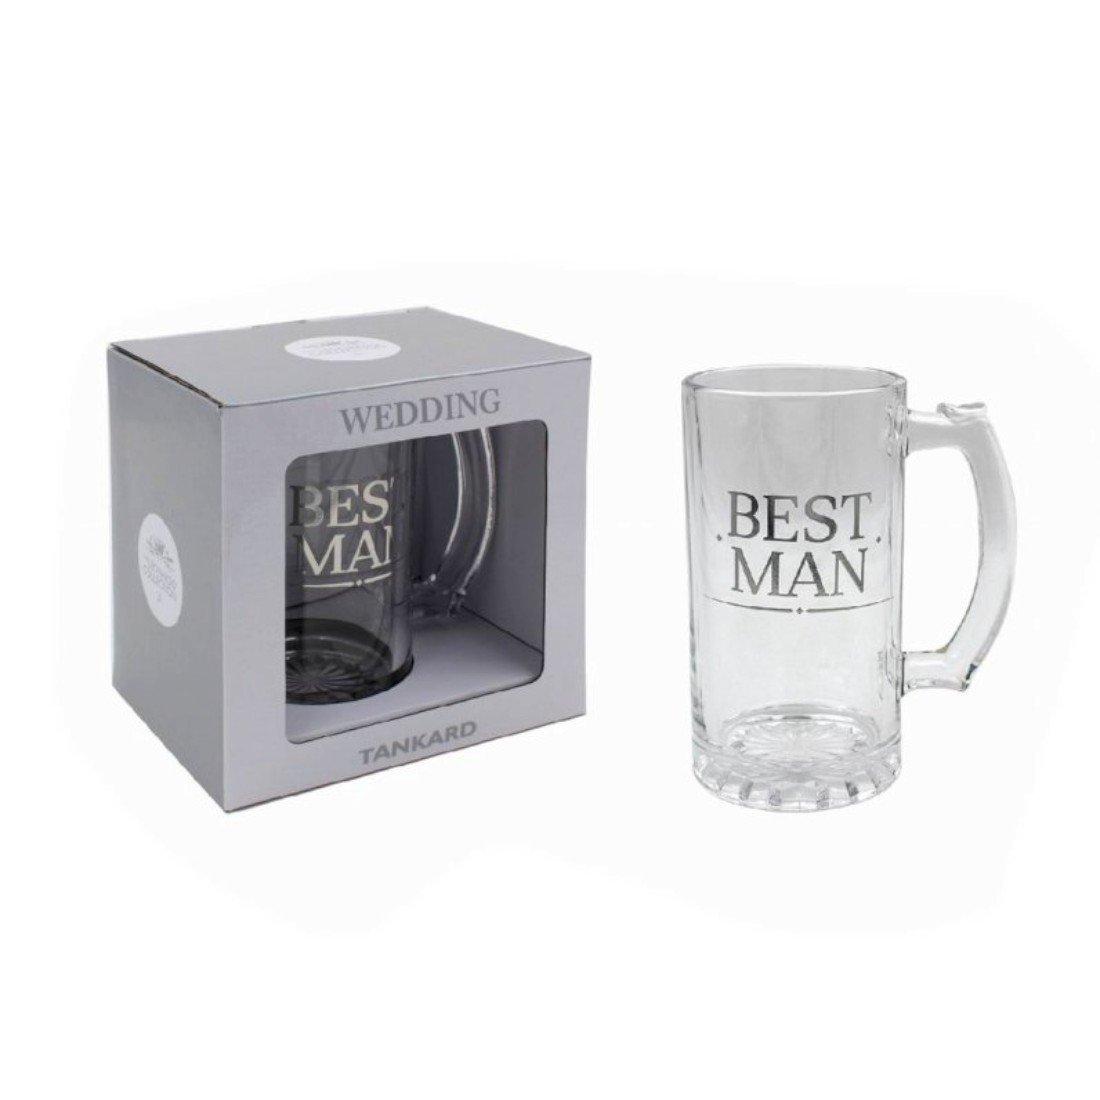 Best Man Tankard Gift Lesser and Pavey UKASNHKTN804